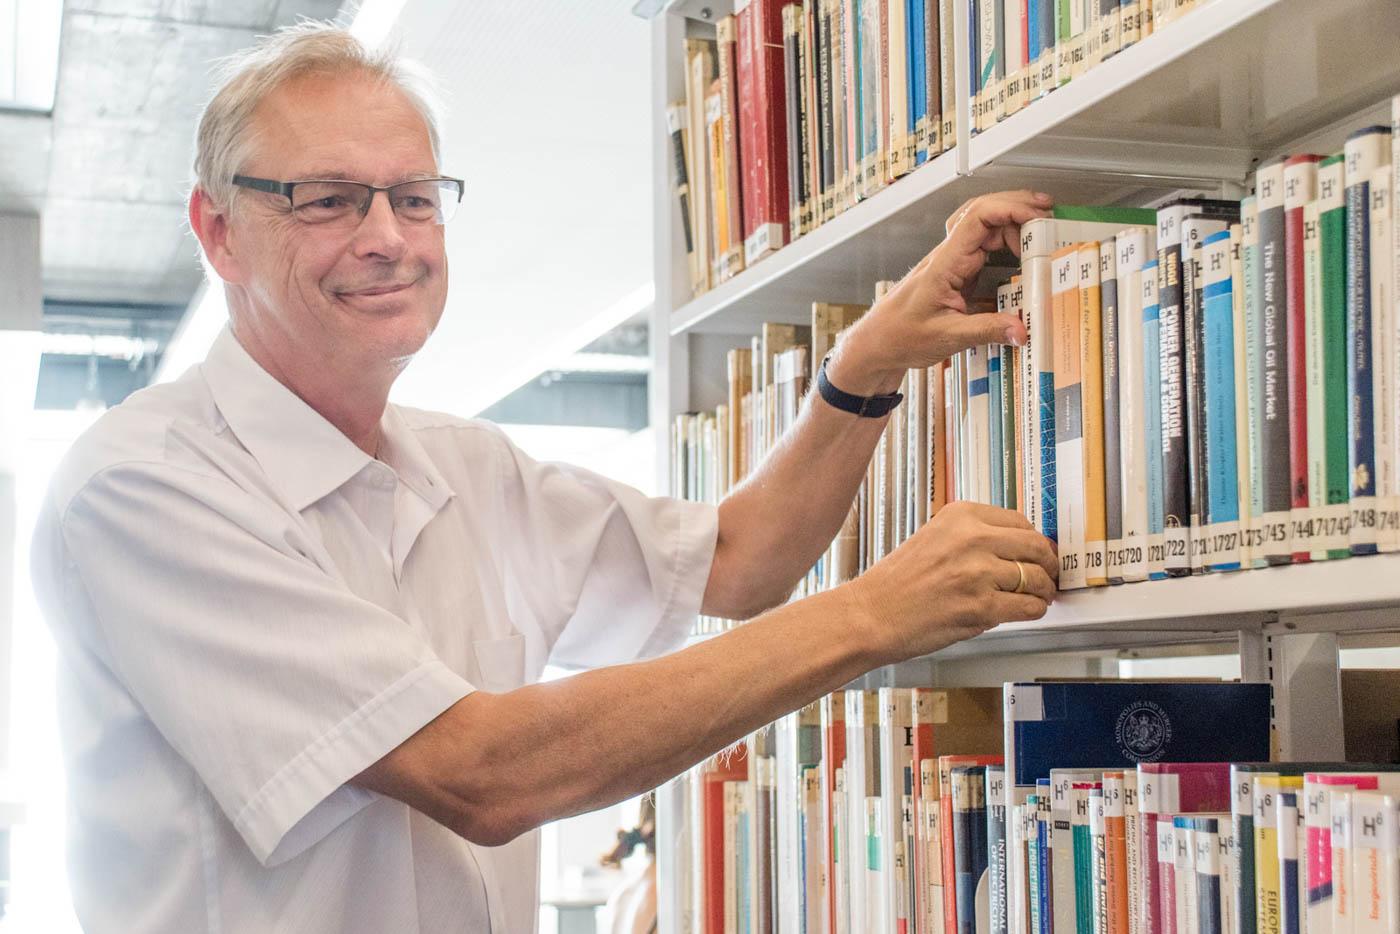 Herr Neumärker sucht Buch aus Regal